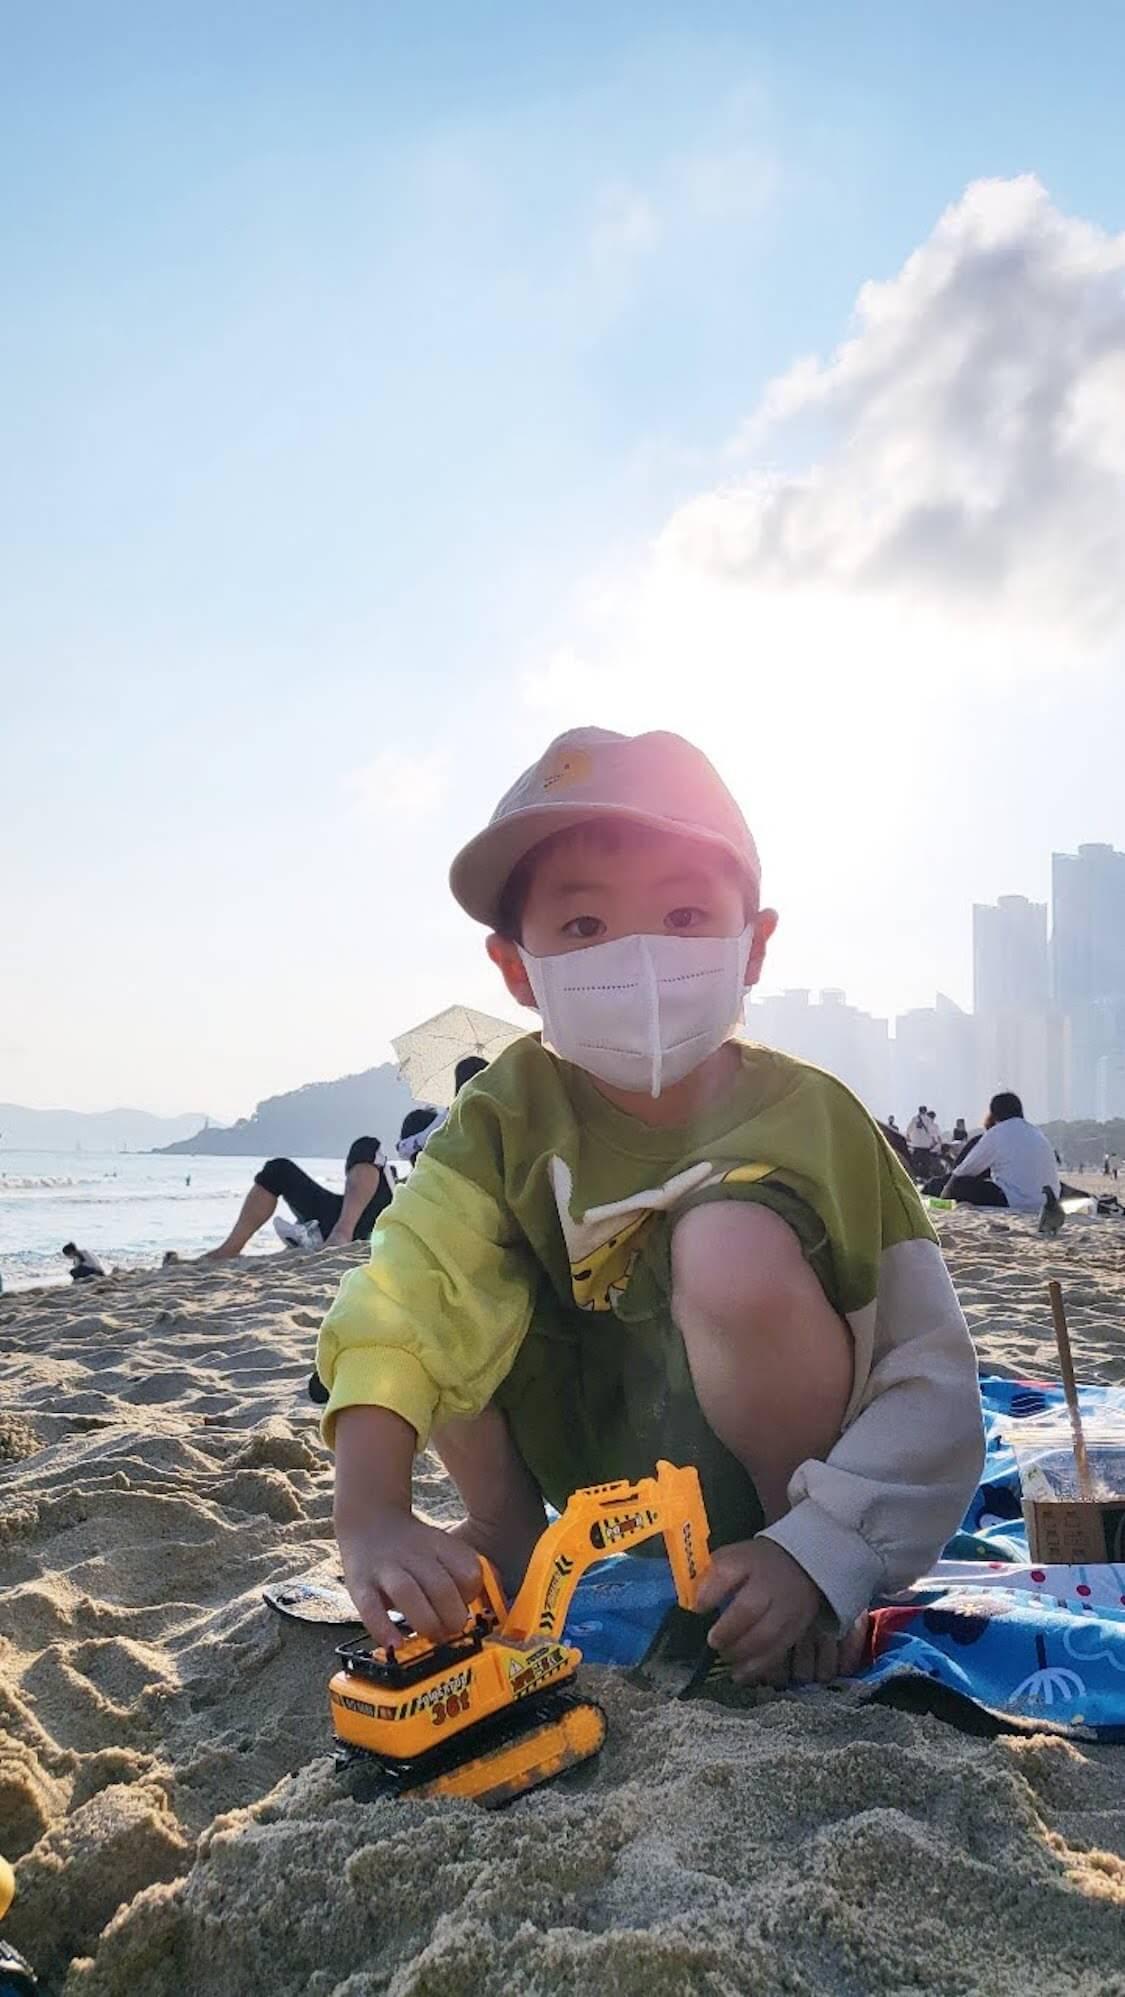 韓国の釜山旅行中の姉家族、海で甥っ子